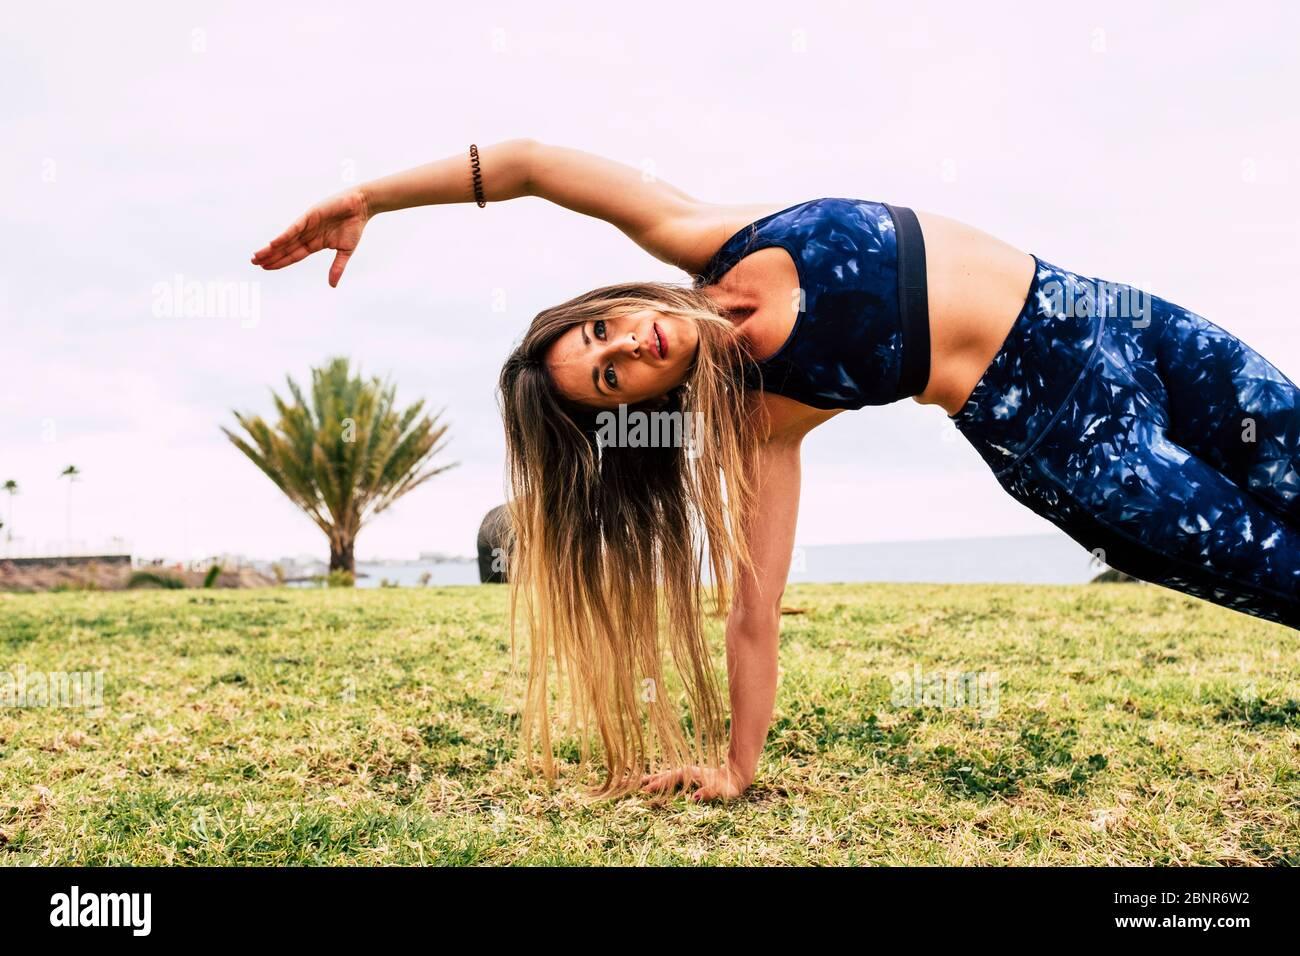 Concepto. De deporte y ejercicios de pérdida de peso - joven mujer caucásica gente haciendo pitas al aire libre en la naturaleza verde. Hierba sola - cuerpo perfecto y posición equilibrada Foto de stock